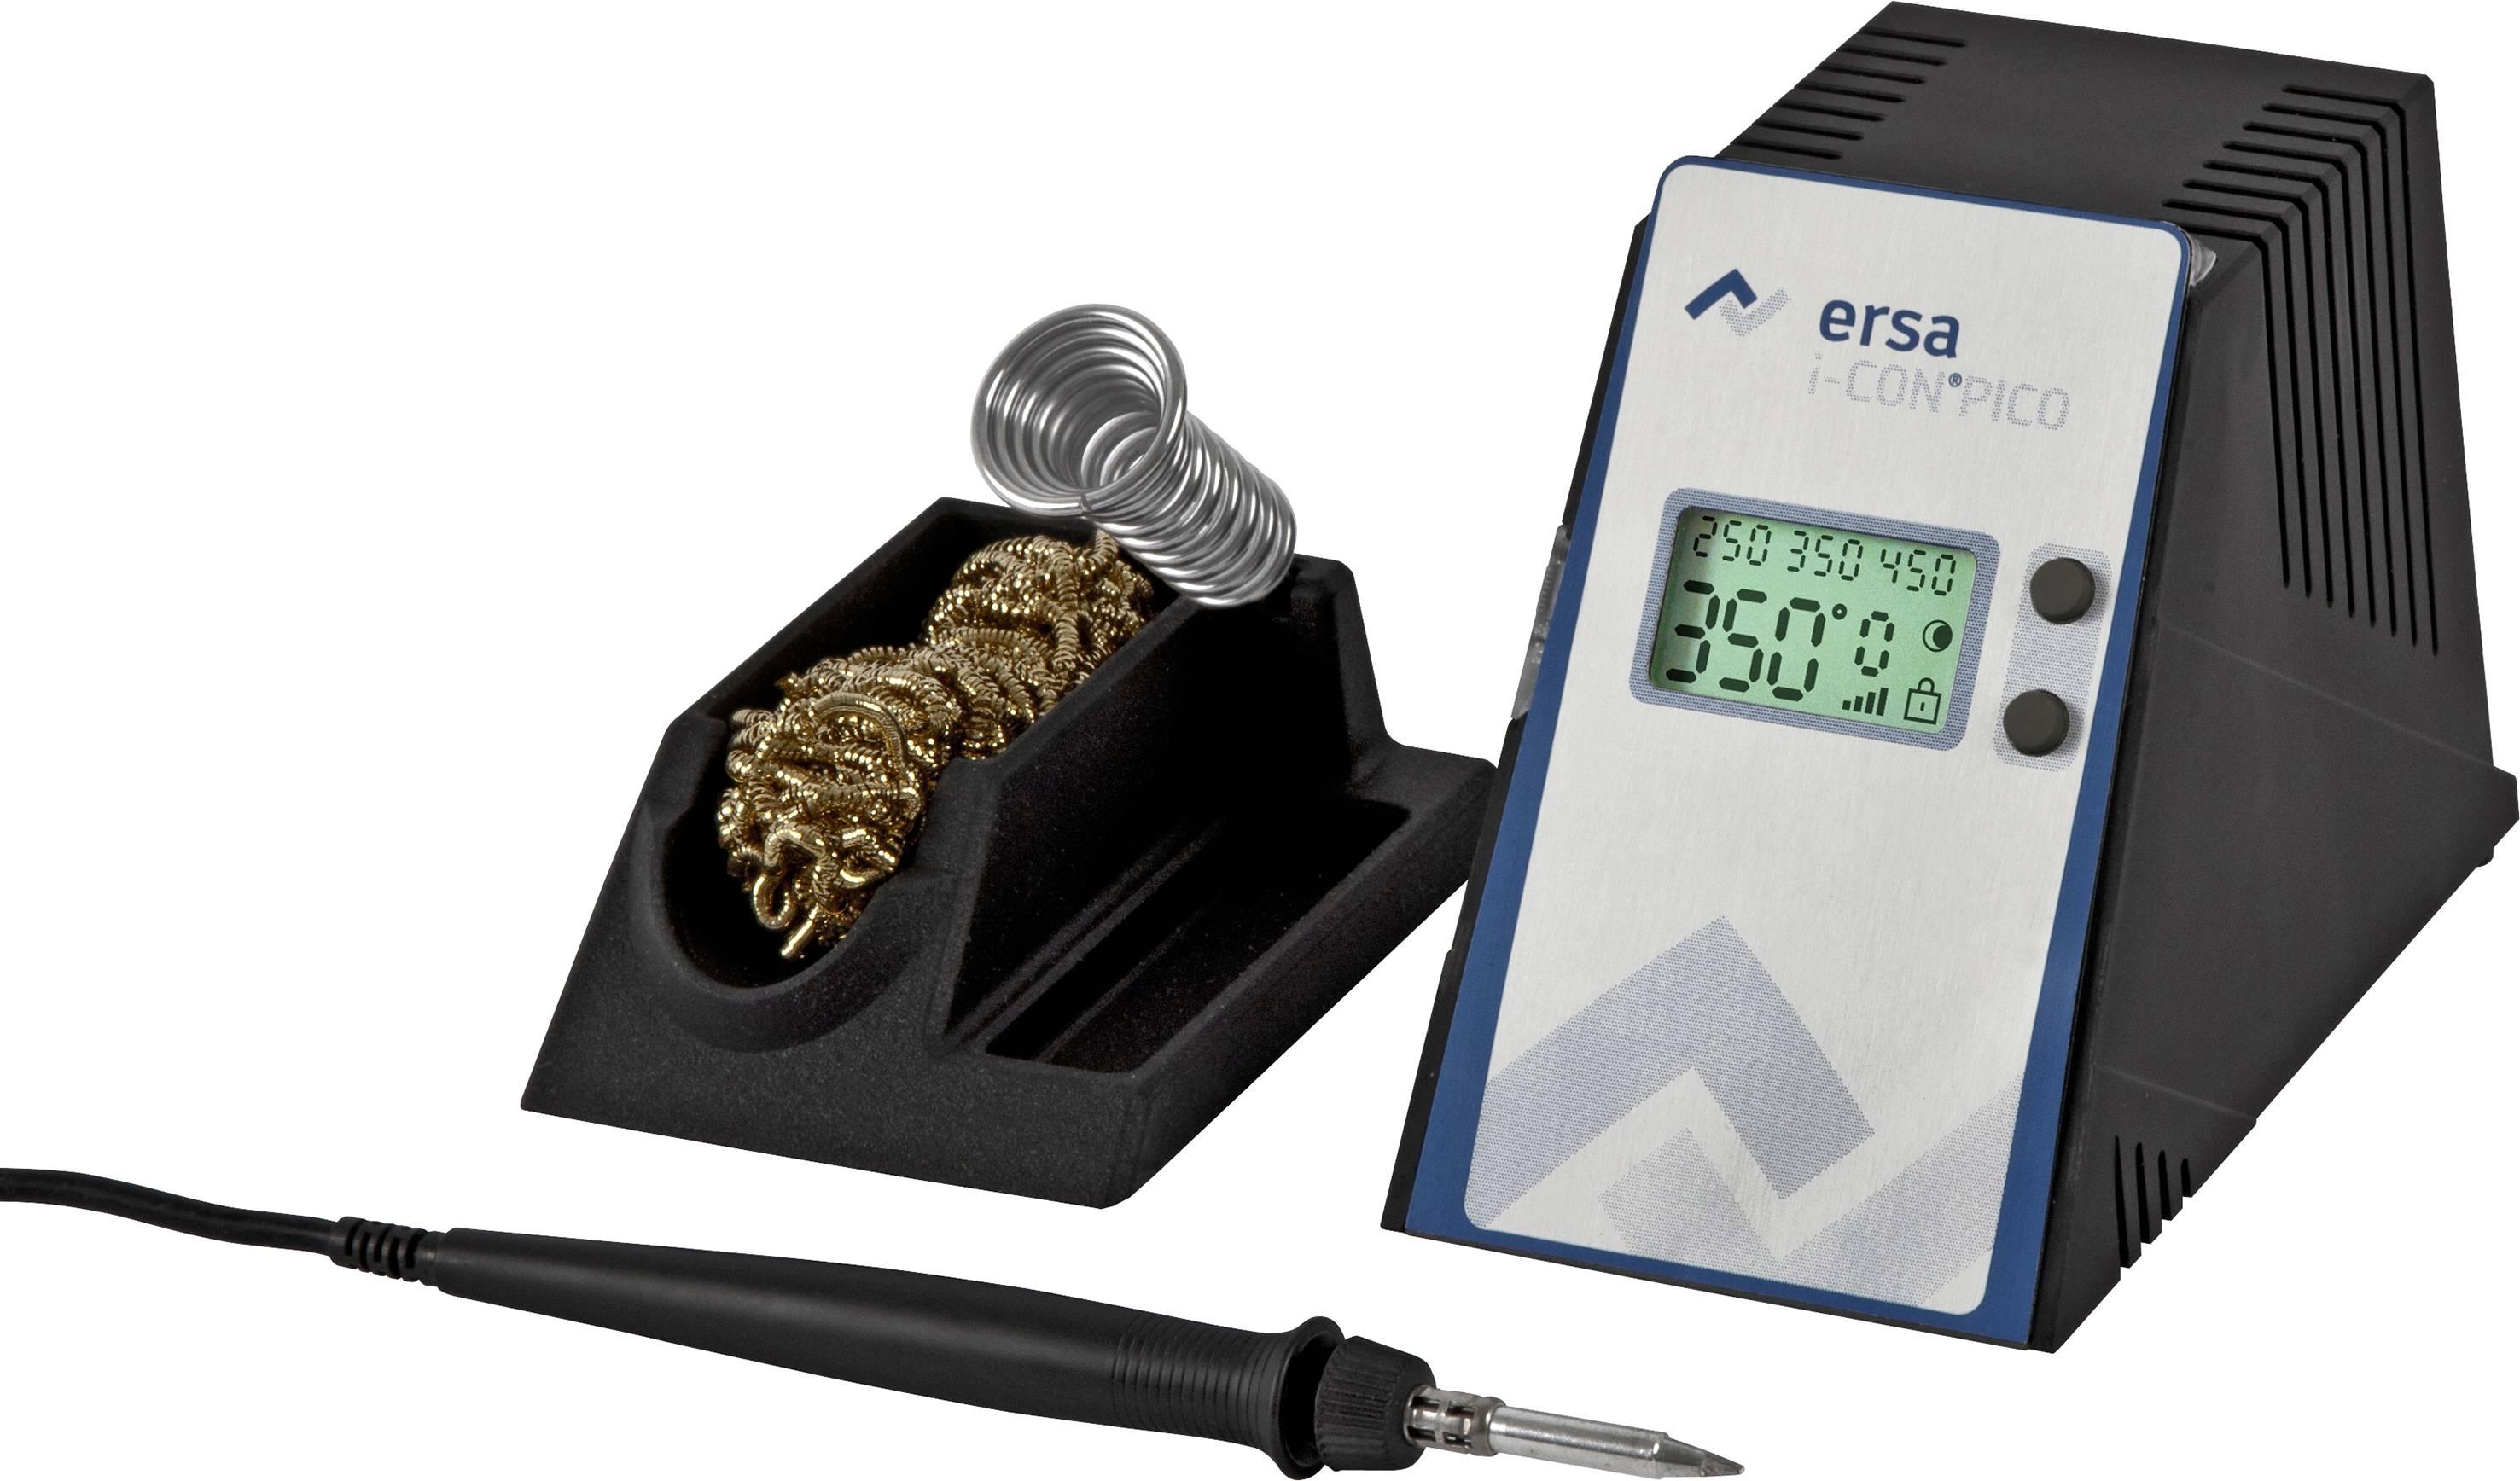 Pájecí stanice Ersa i-CON pico 0IC1300, digitální, 80 W, +150 až +450 °C